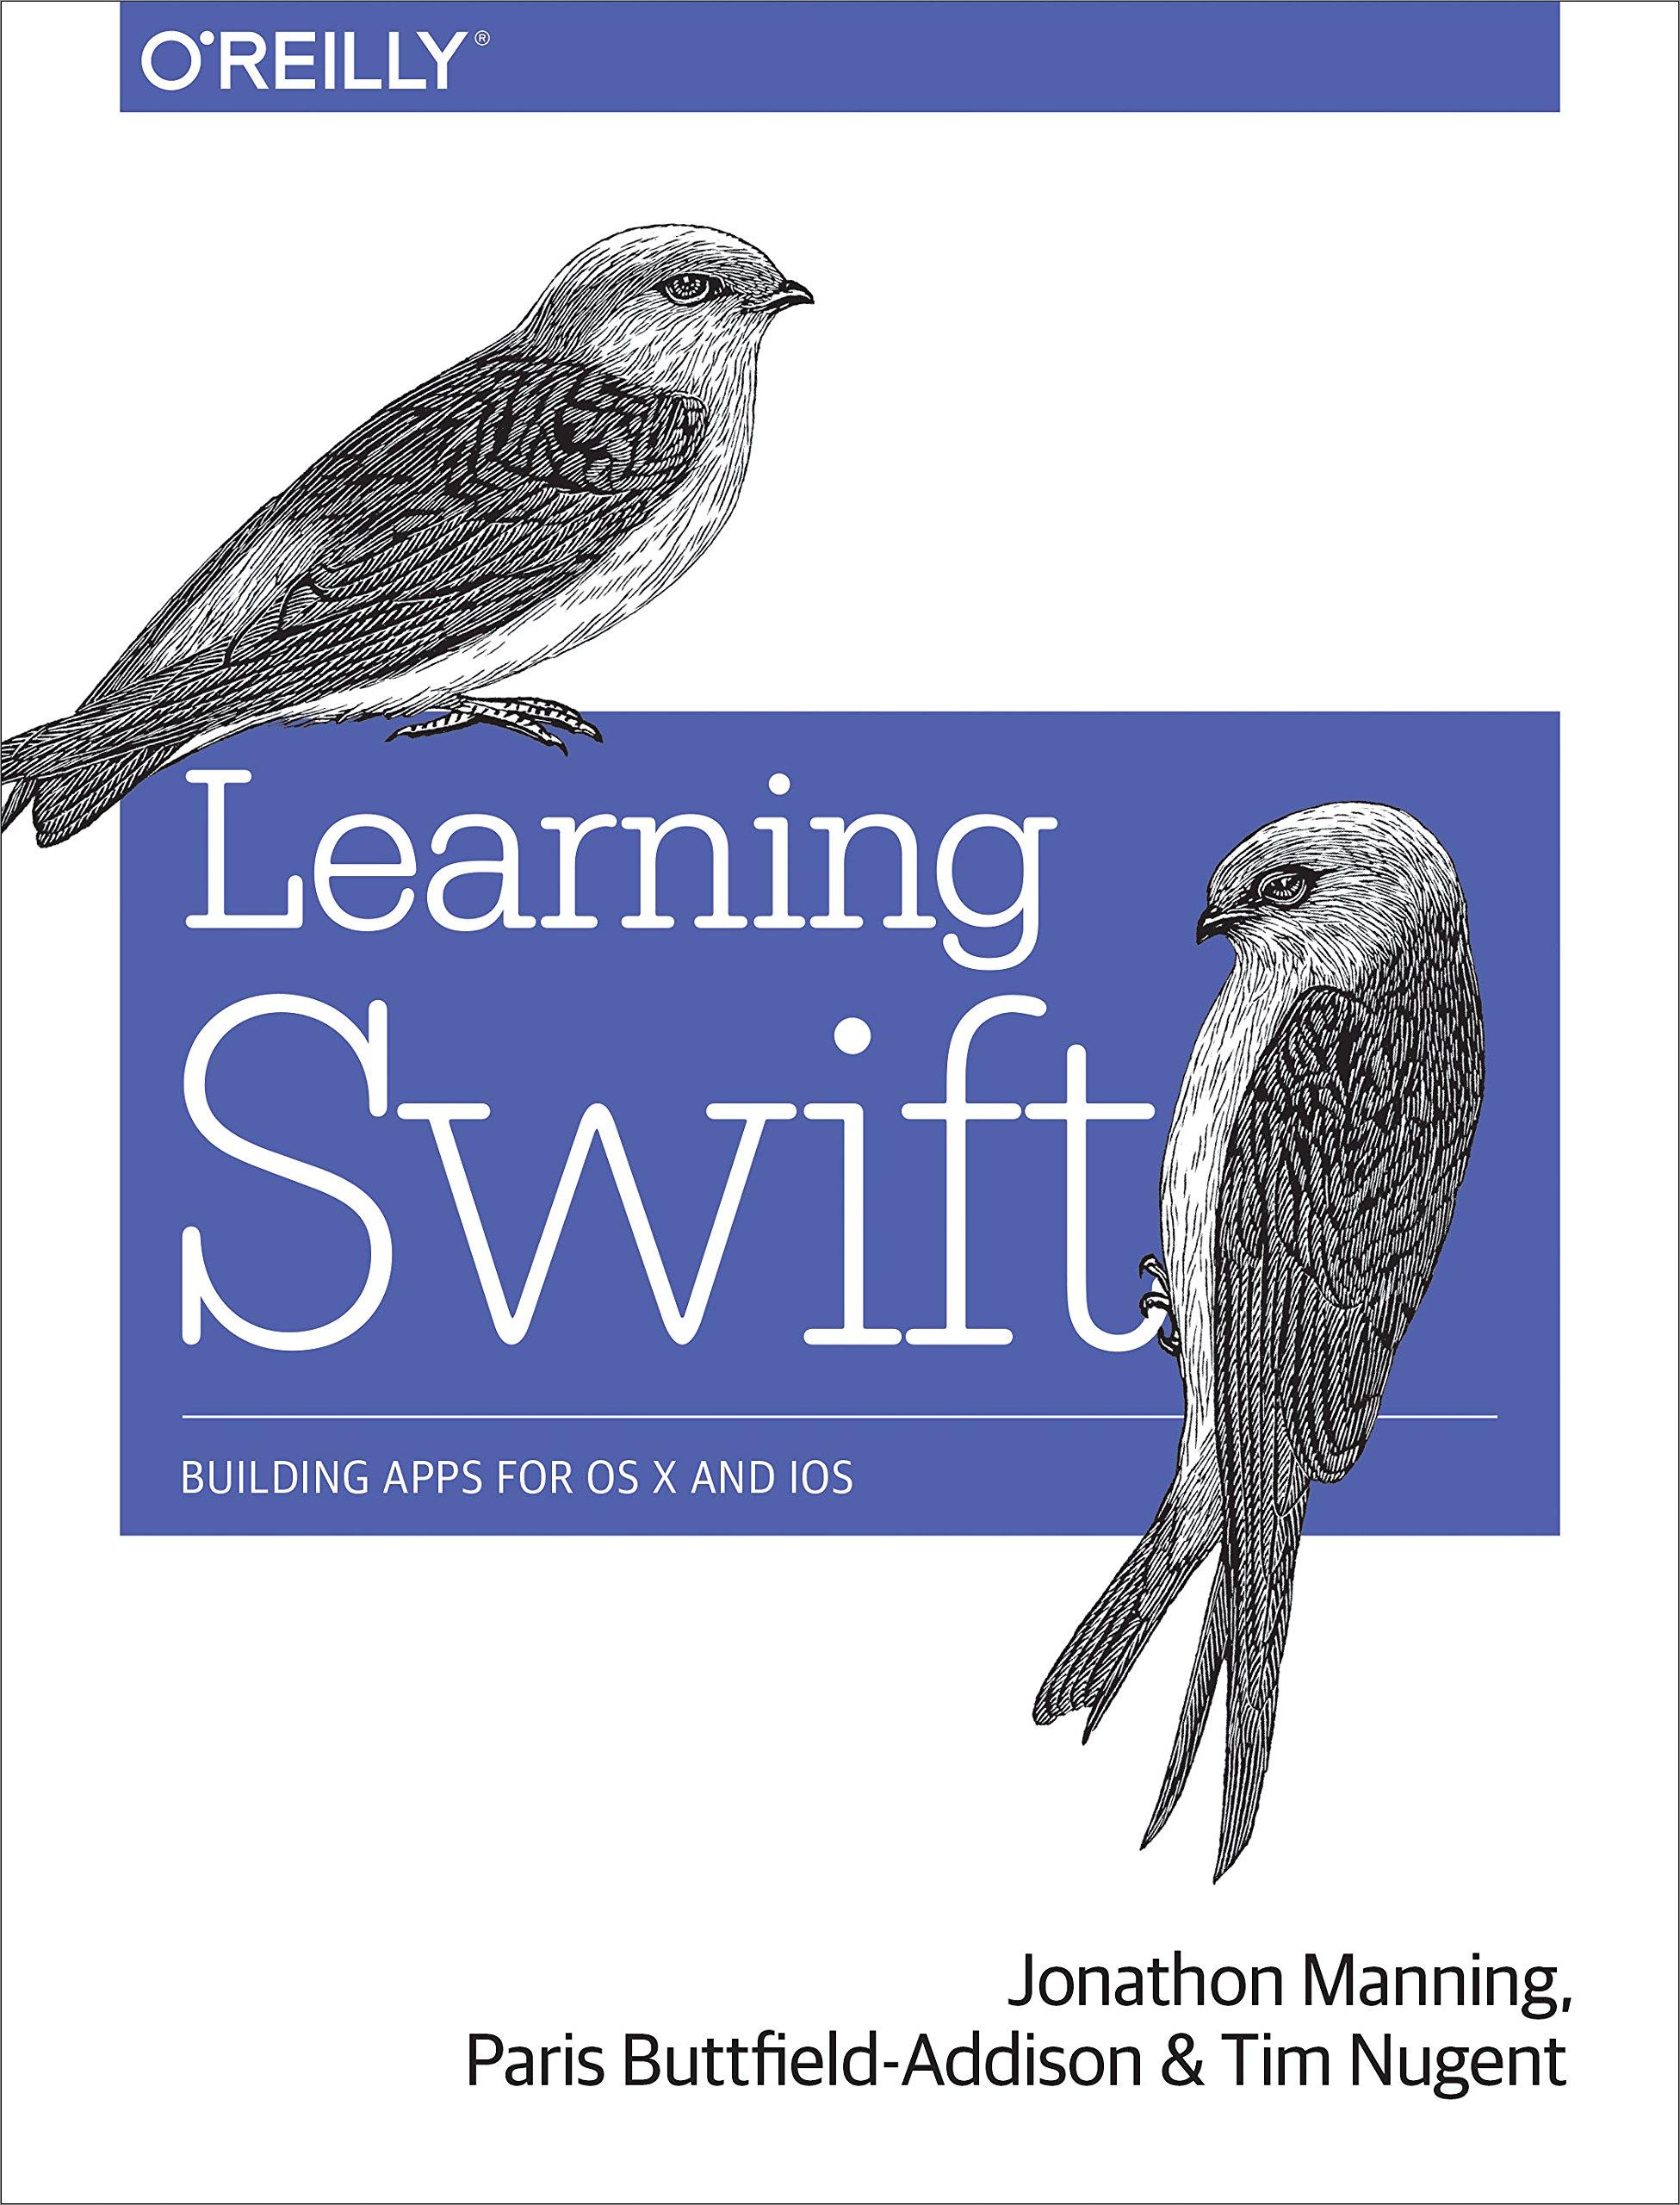 Learning Swift ISBN-13 9781491940747